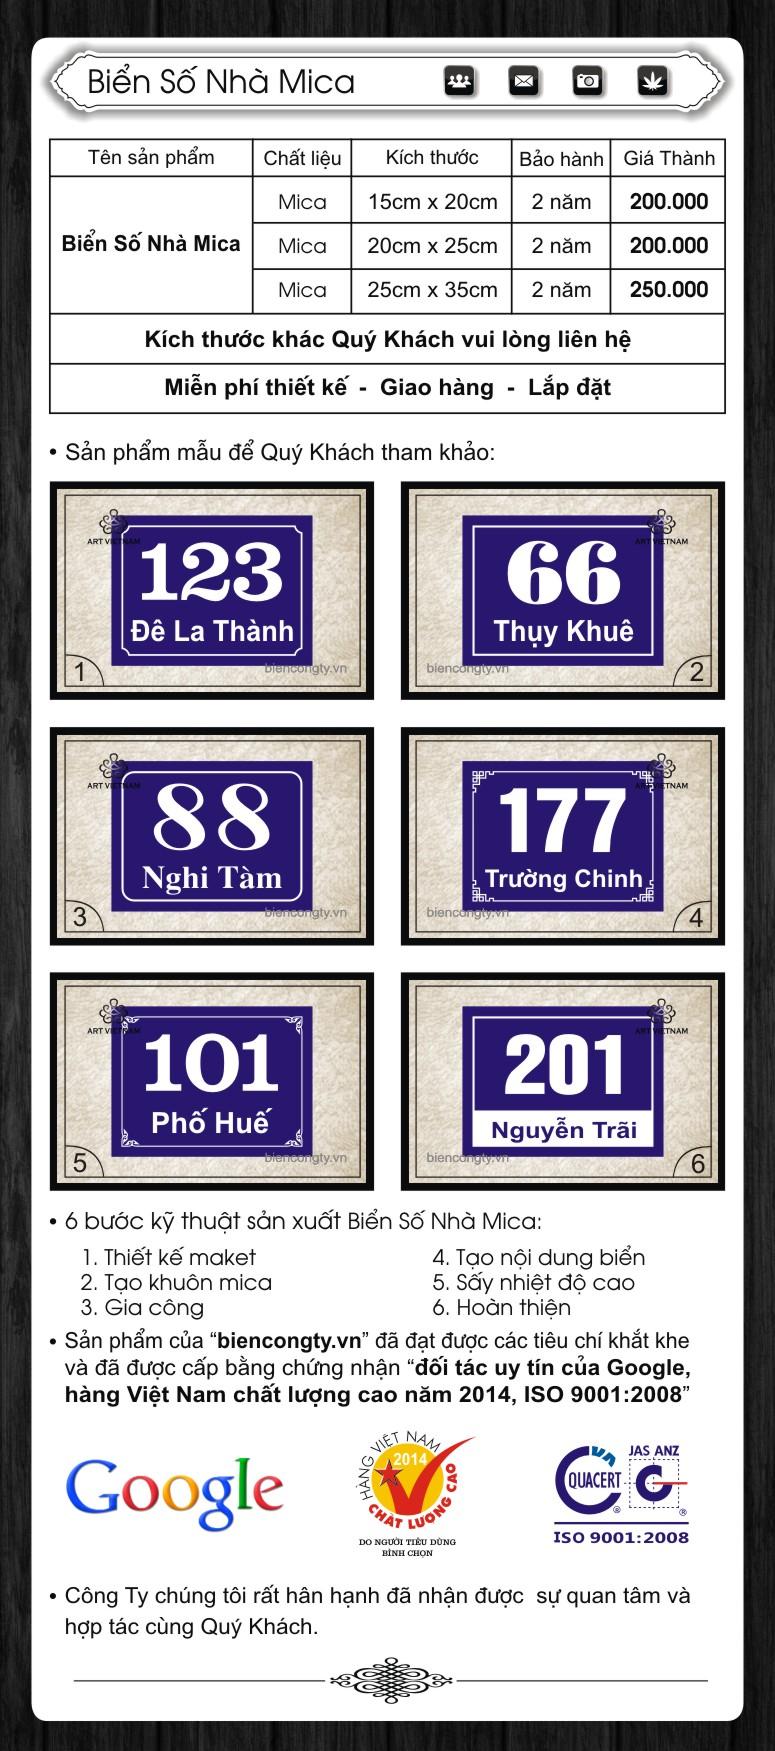 Số Nhà Mica